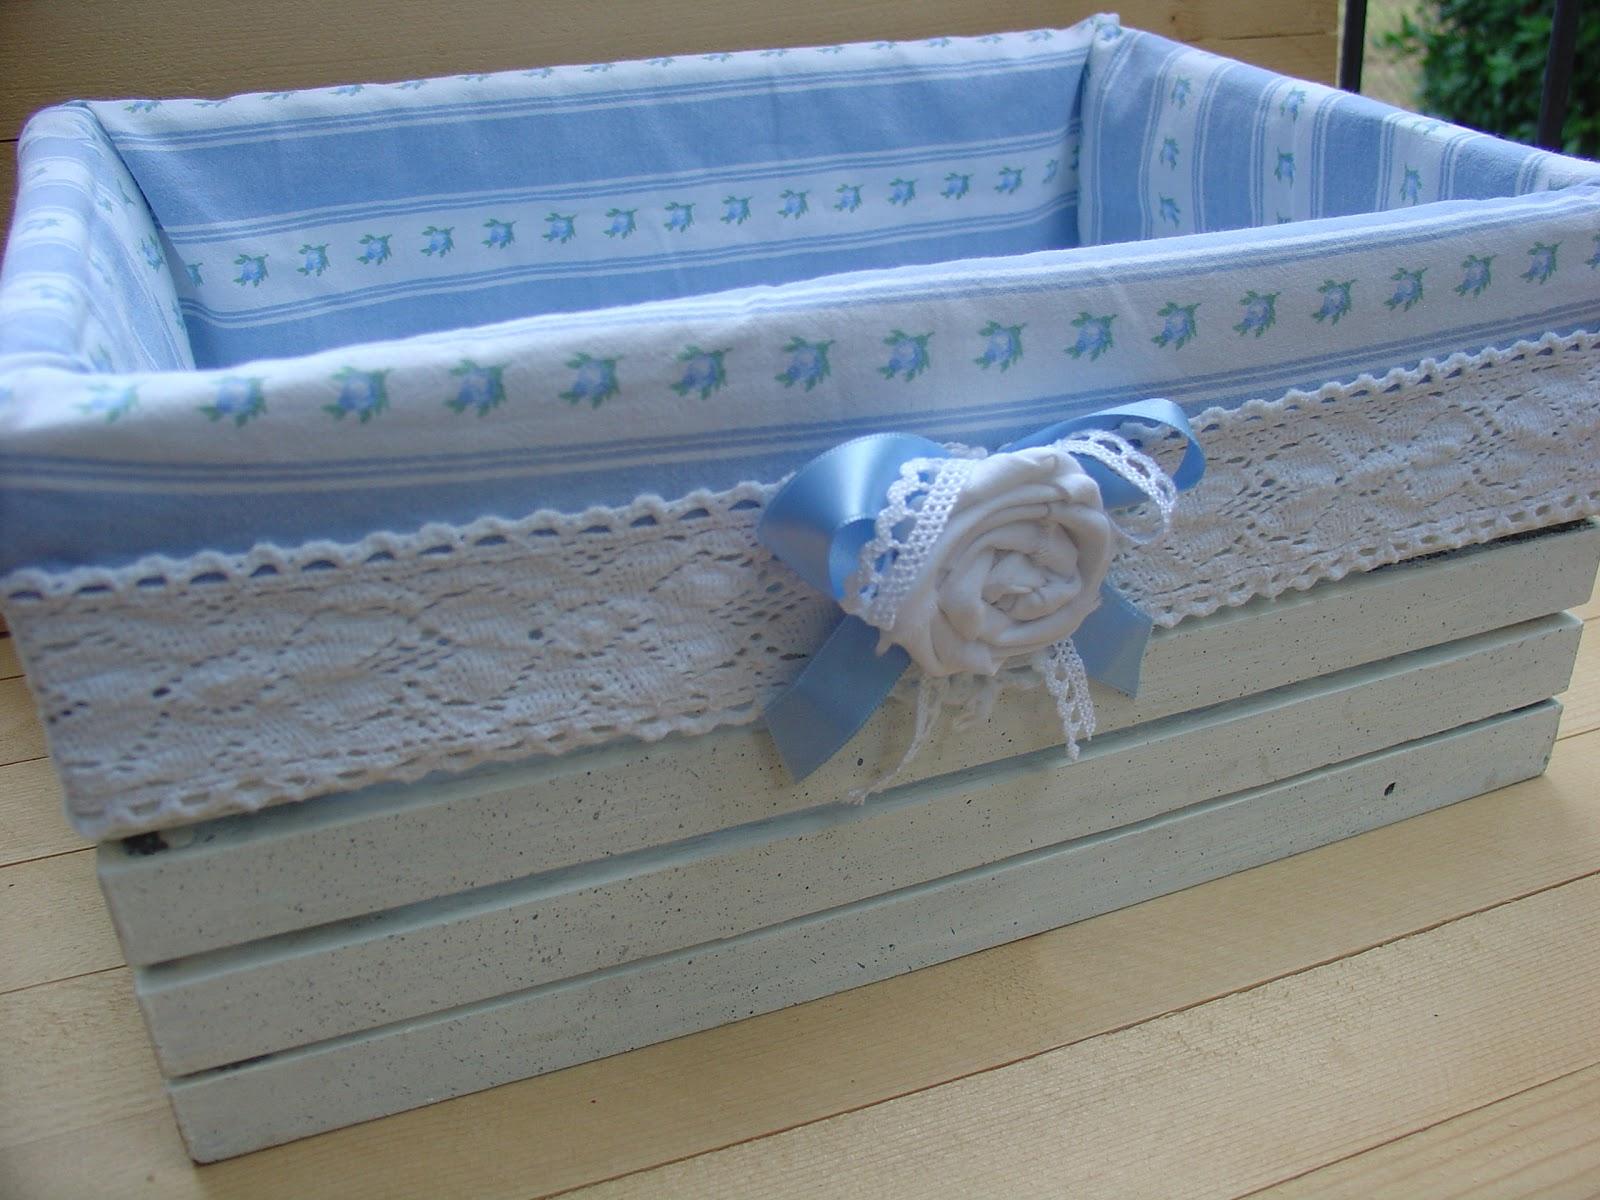 Creativa officina cesti e cassette rivestite in tessuto for Scatole rivestite in stoffa tutorial